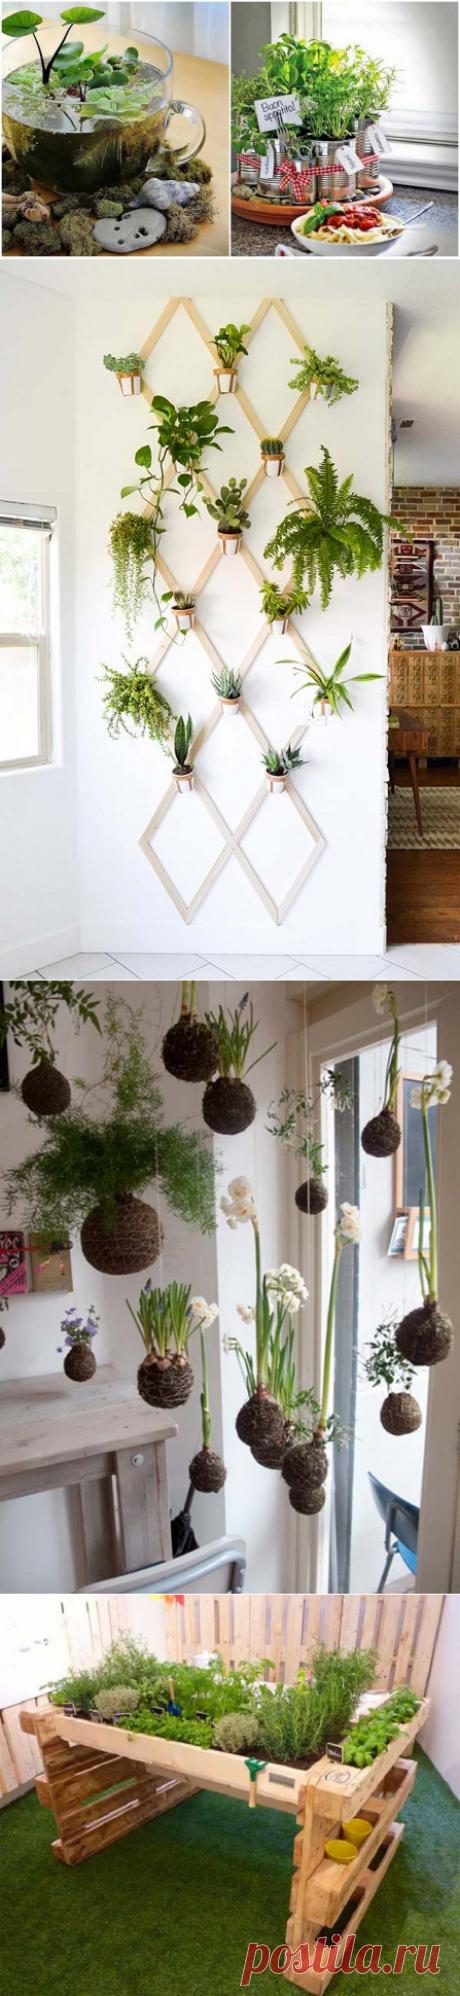 Идеи для мини-сада в квартире — Мой дом